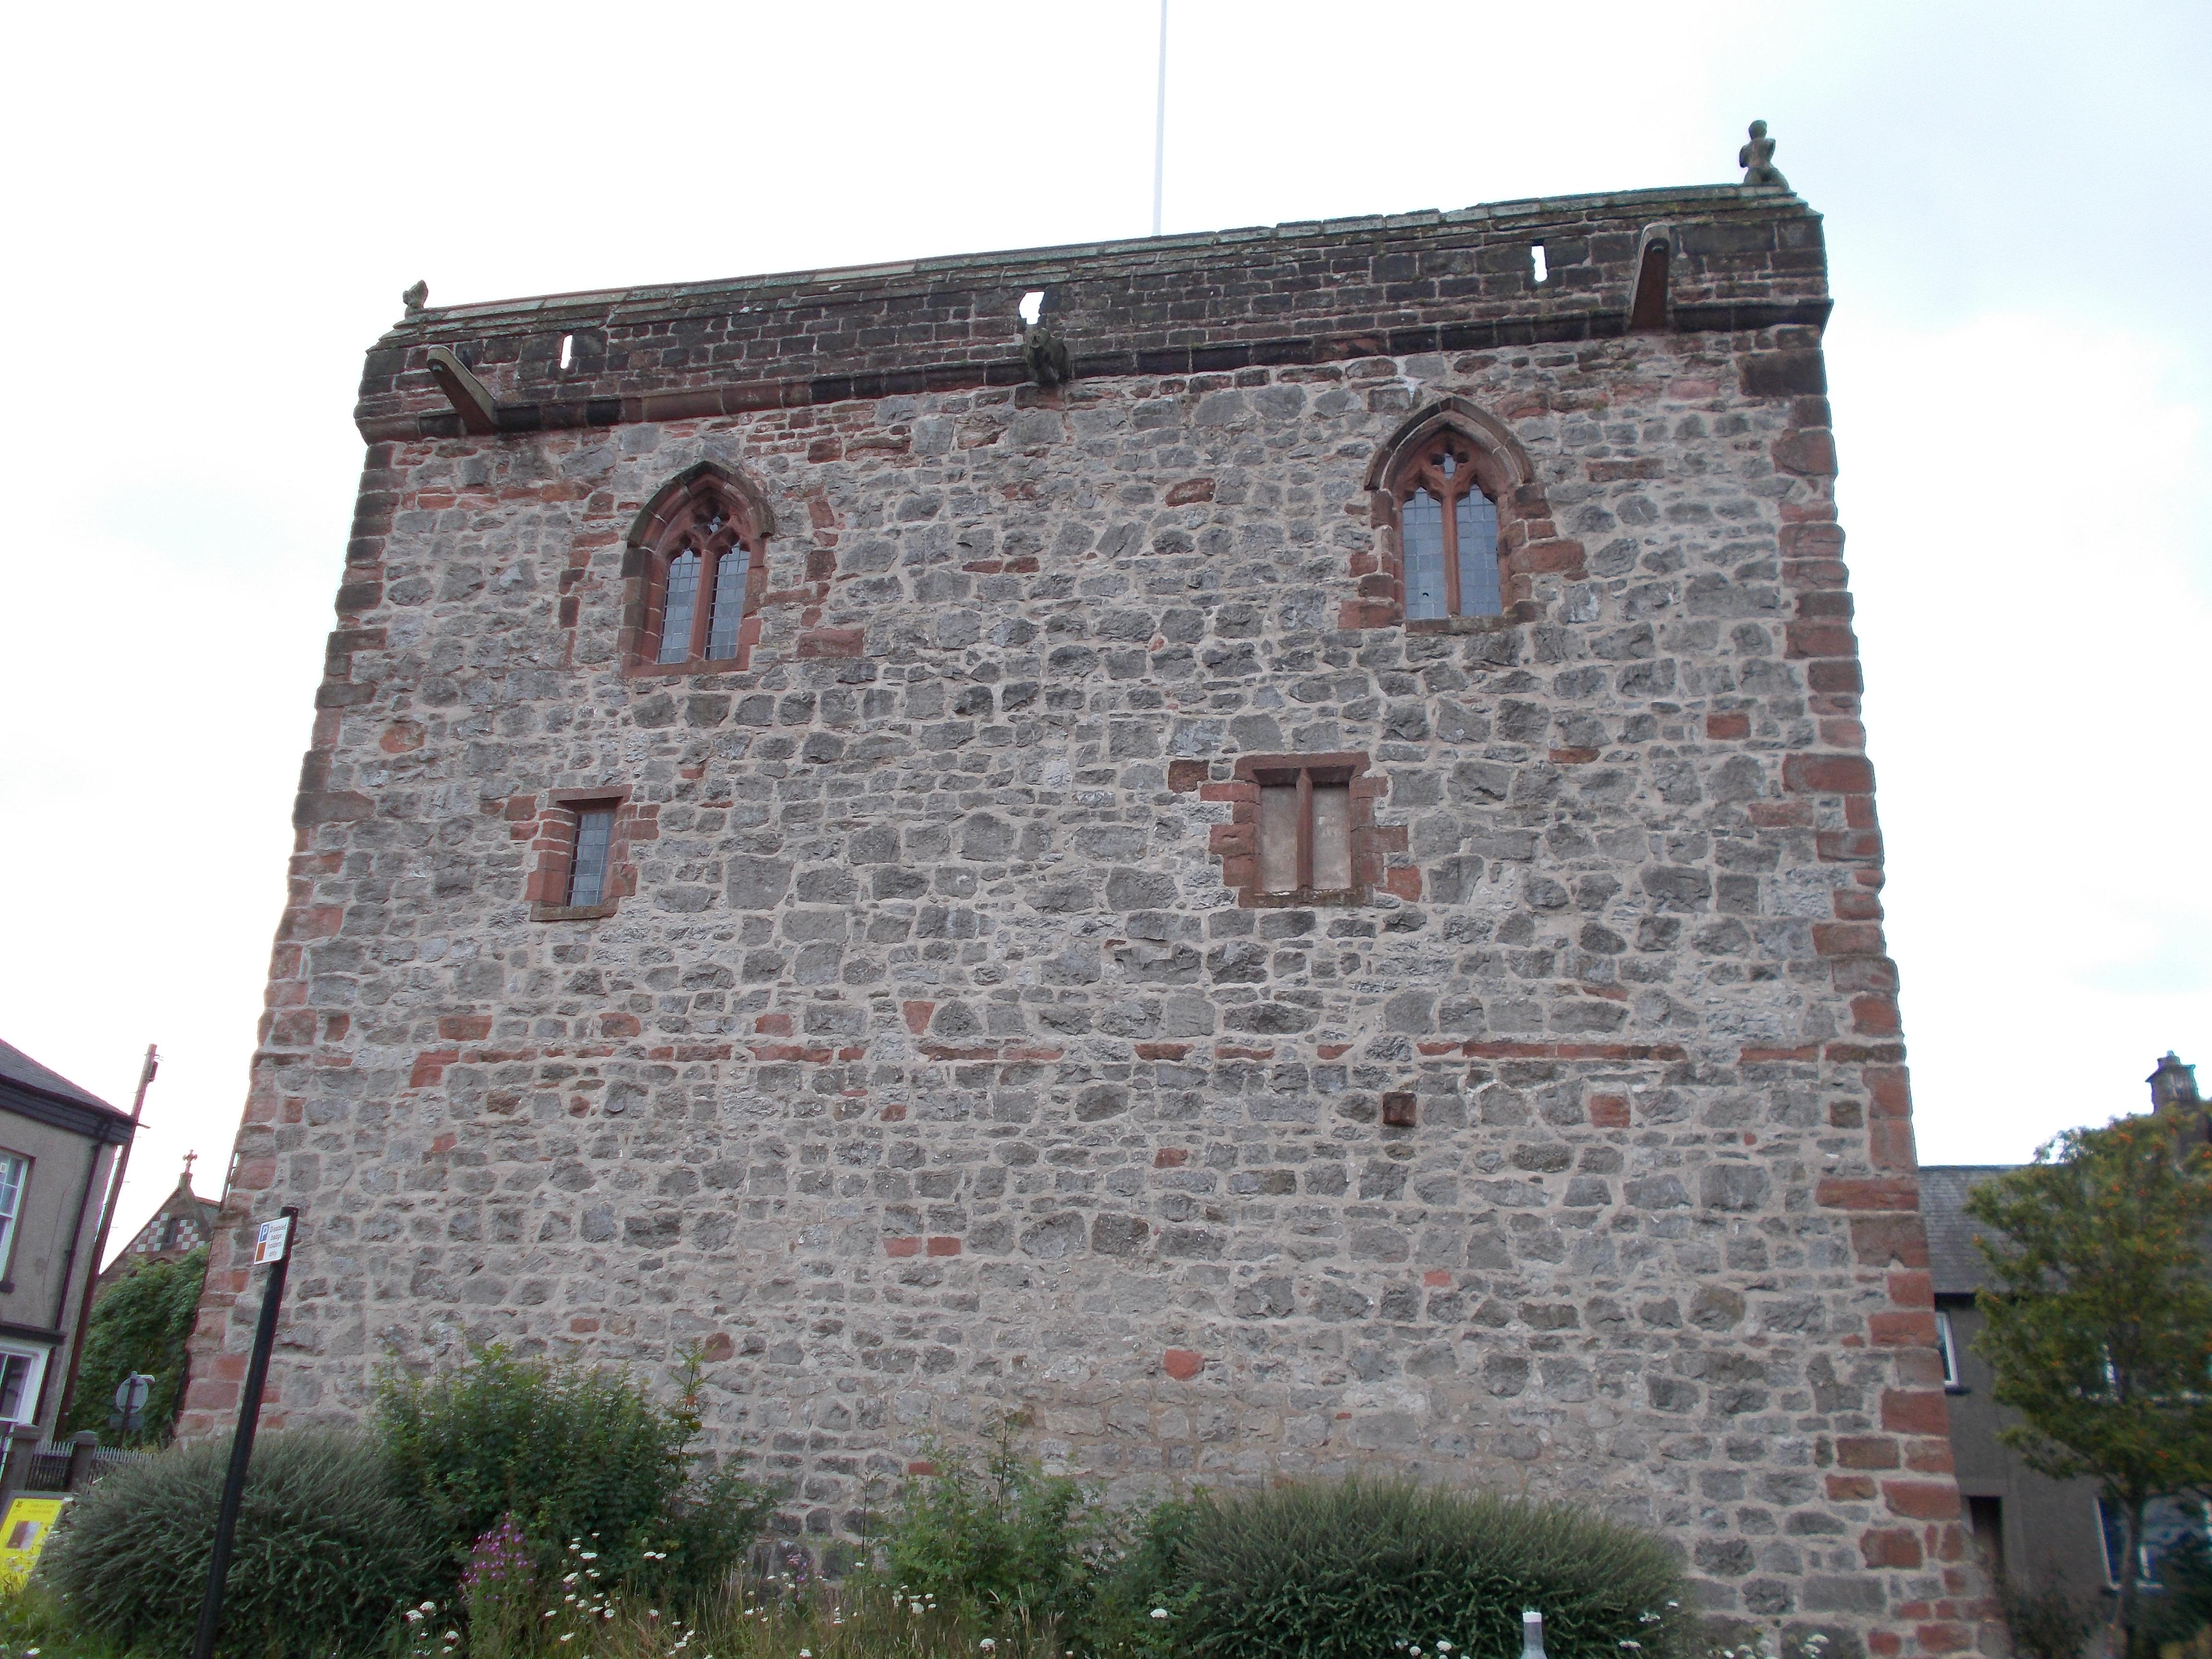 dalton castle, dalton in furness | lancashire past